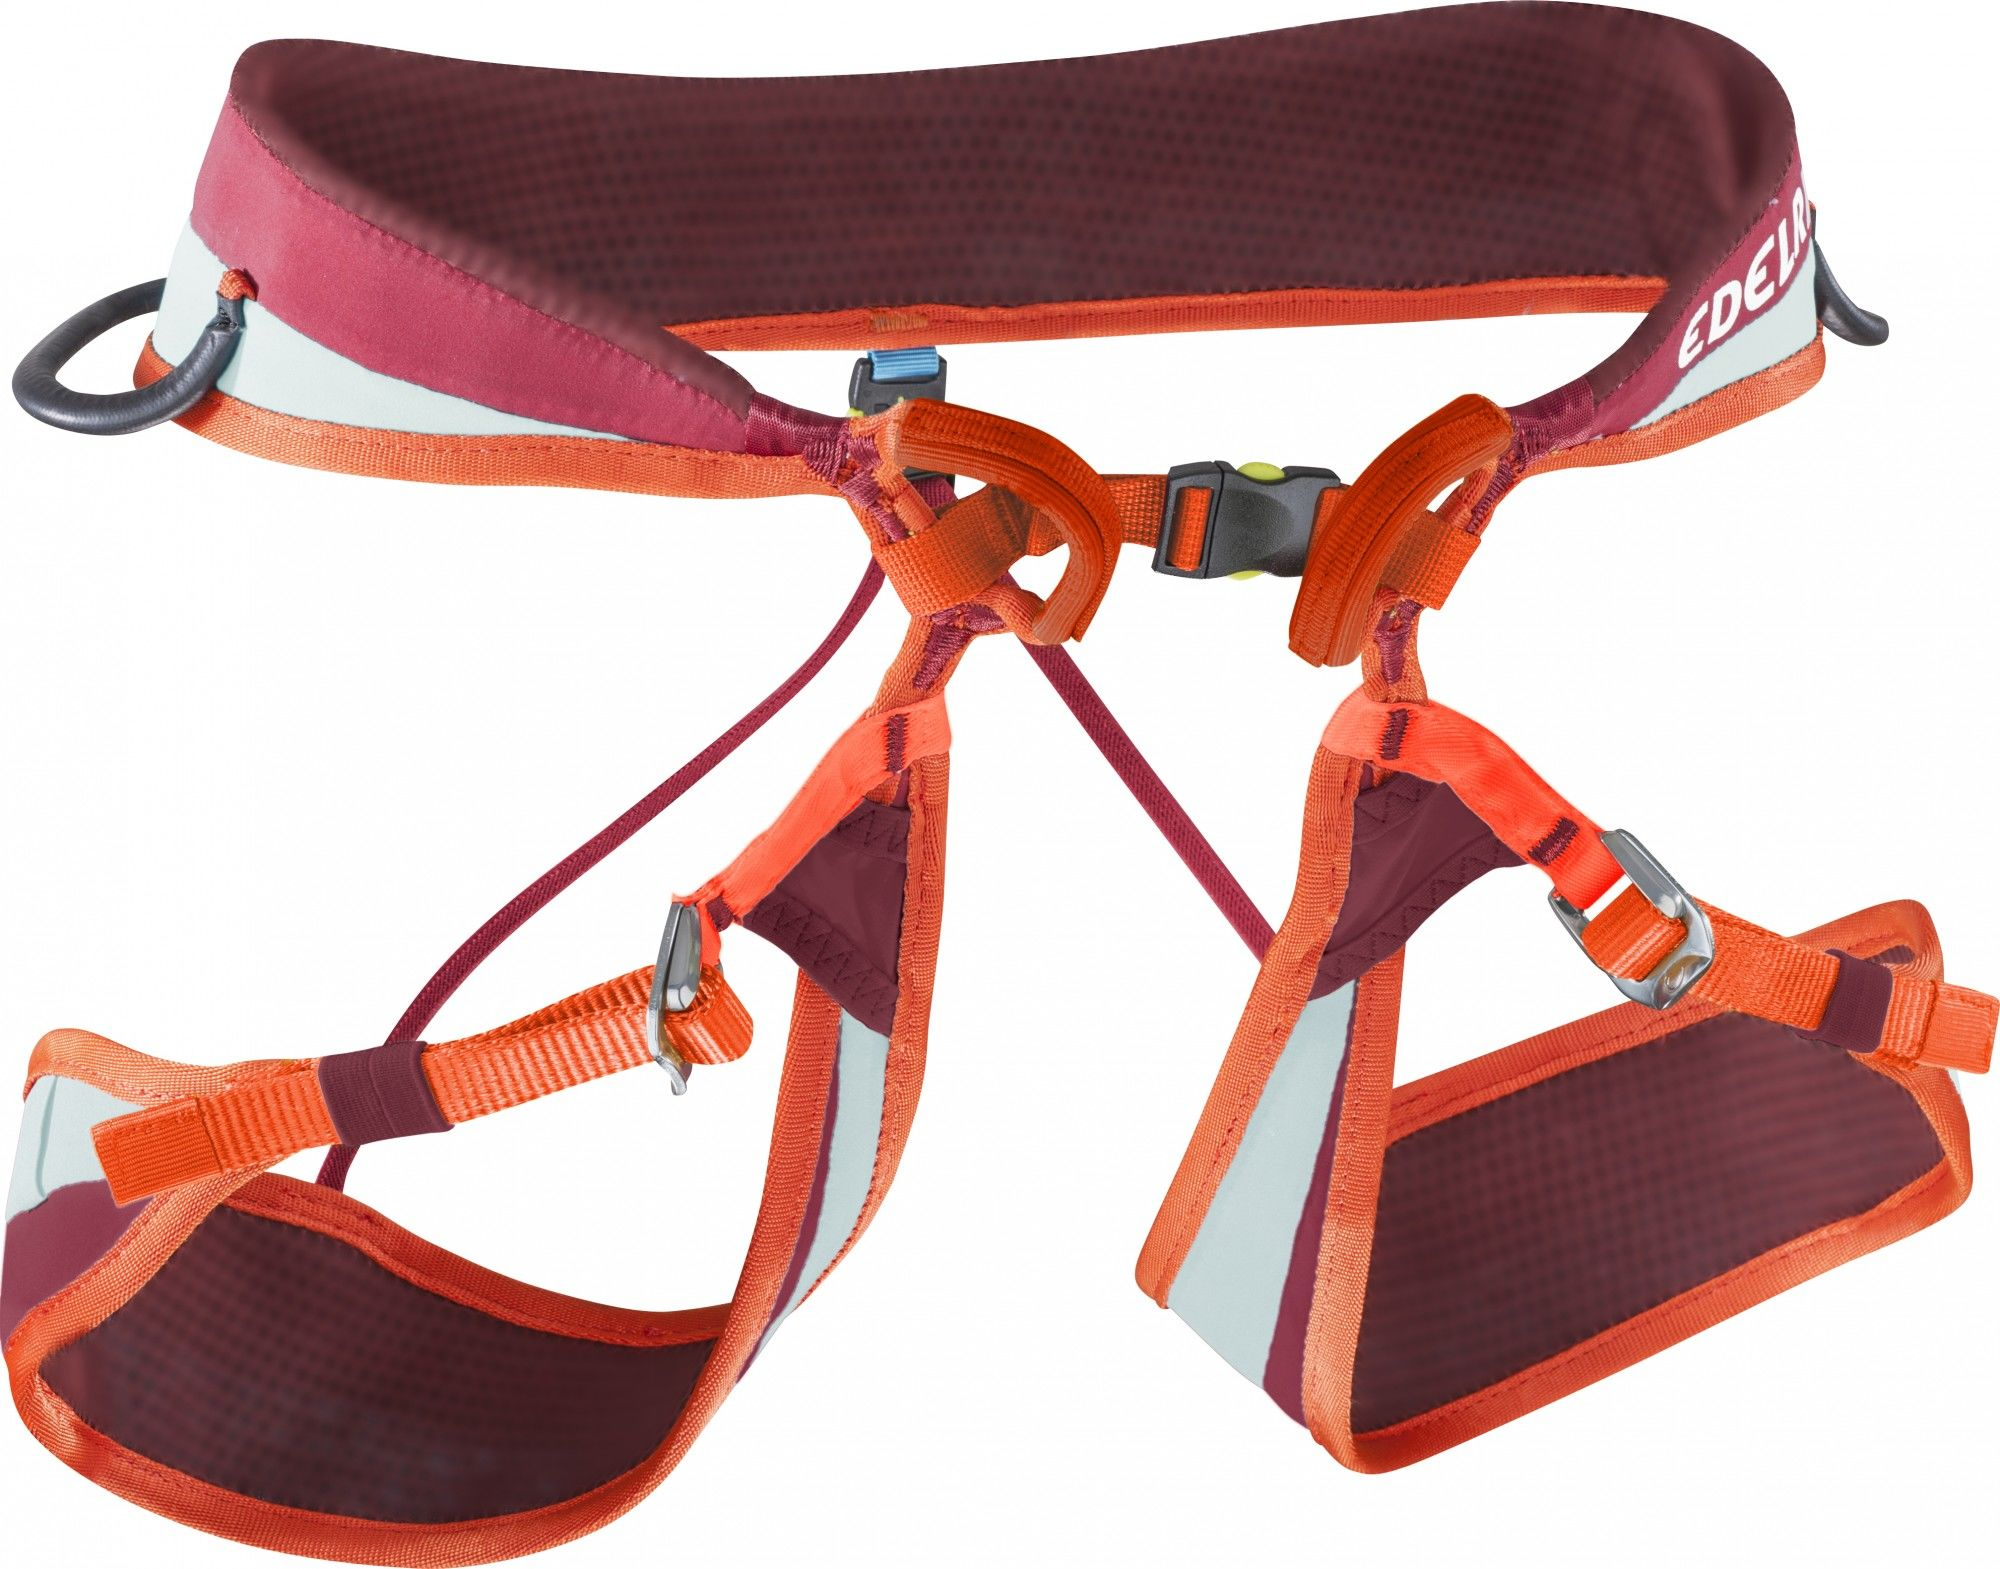 Klettergurt Damen S : Ausrüstung für bergsport klettern und outdoor bei